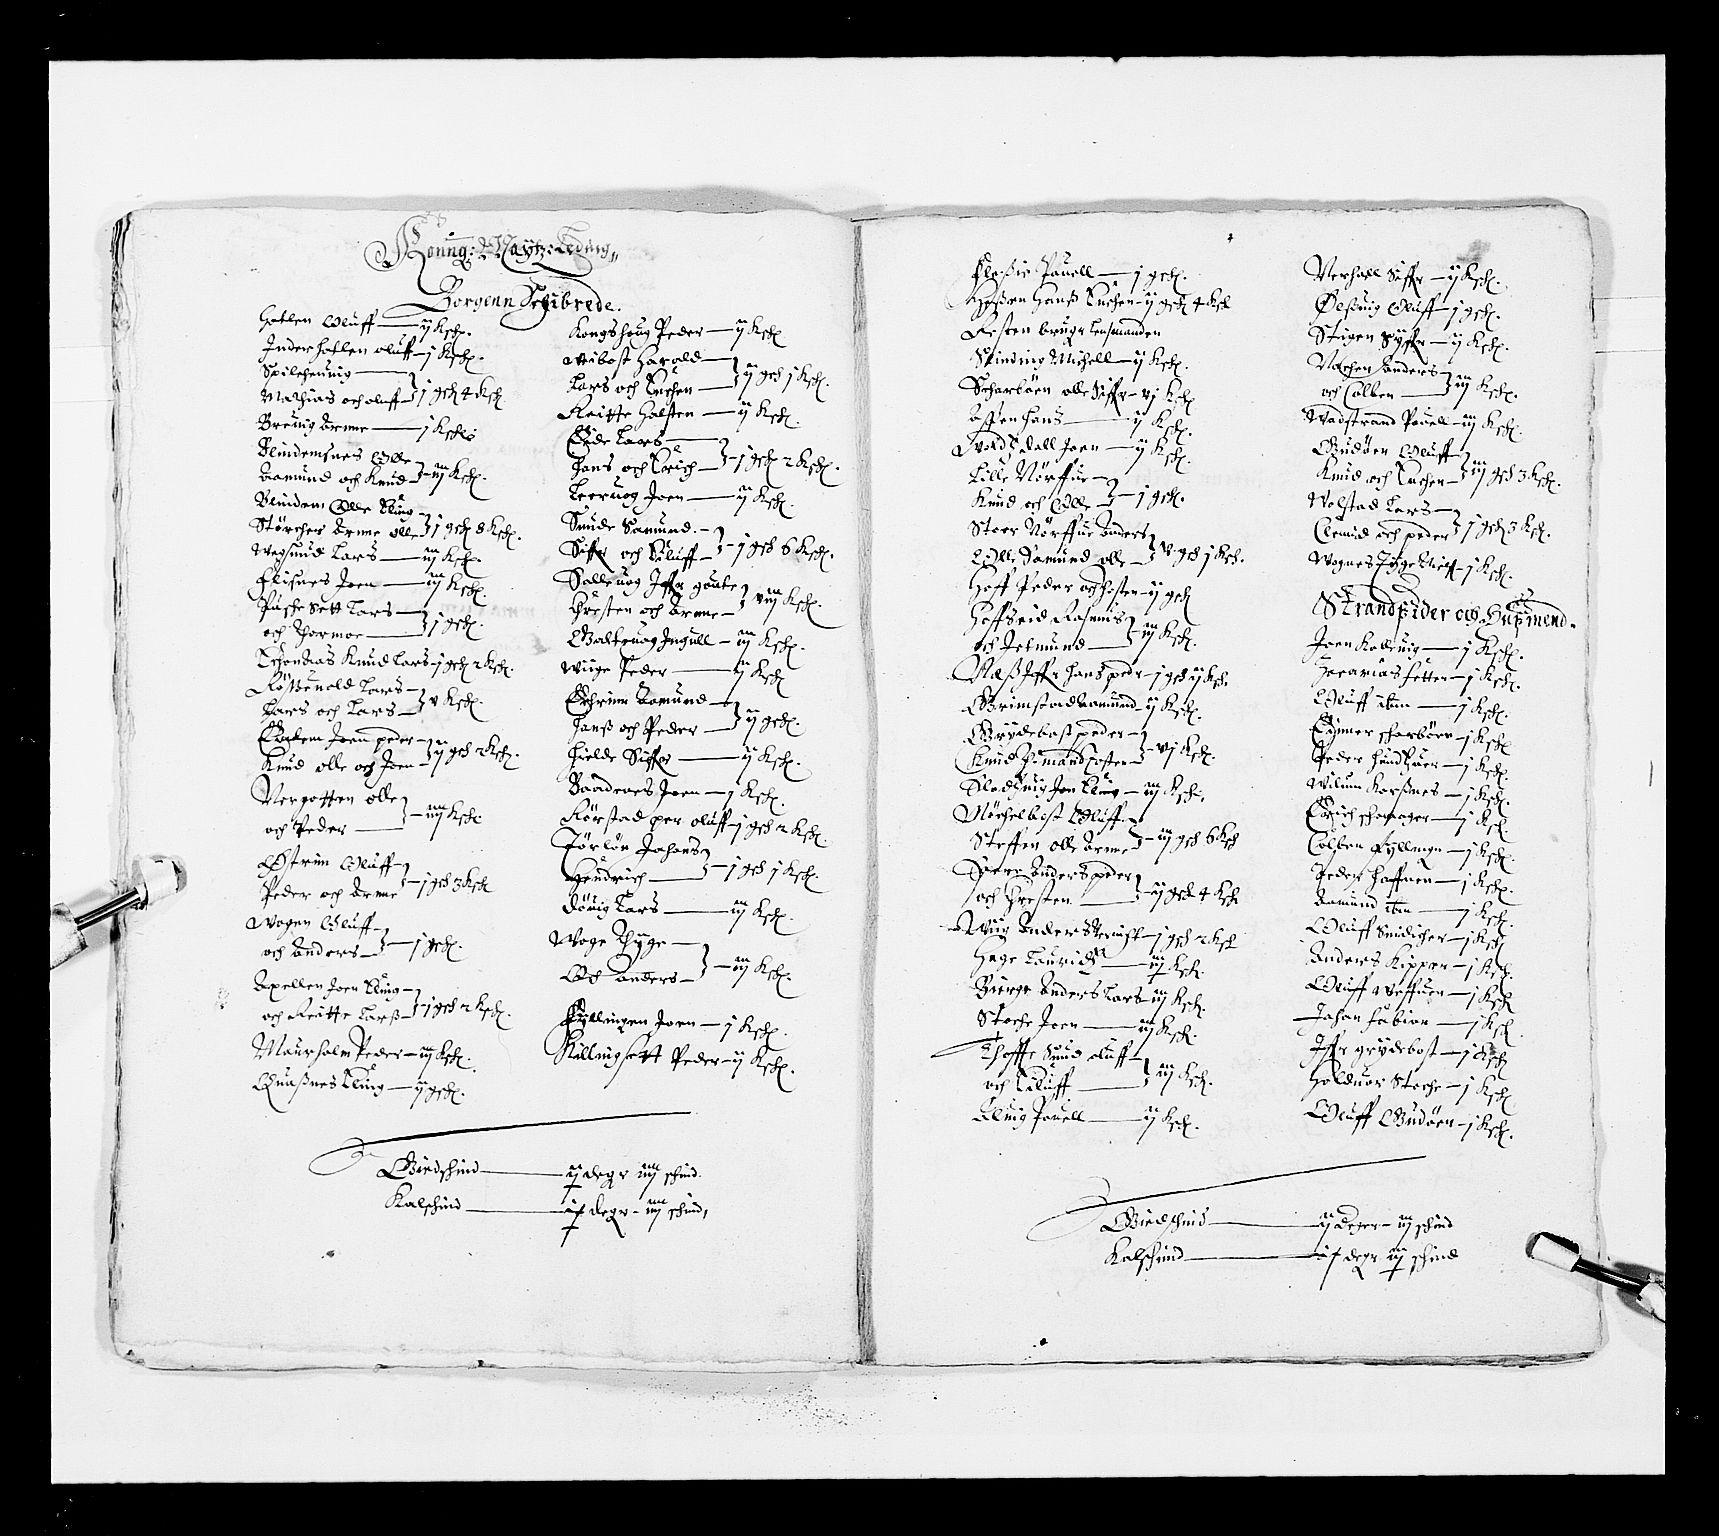 RA, Stattholderembetet 1572-1771, Ek/L0025: Jordebøker 1633-1658:, 1645-1646, s. 246